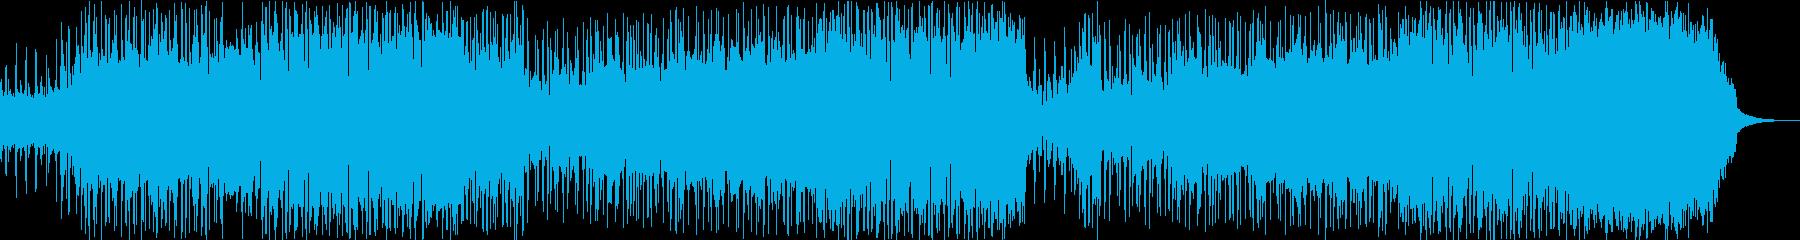 優しく軽快なギターPOPの再生済みの波形